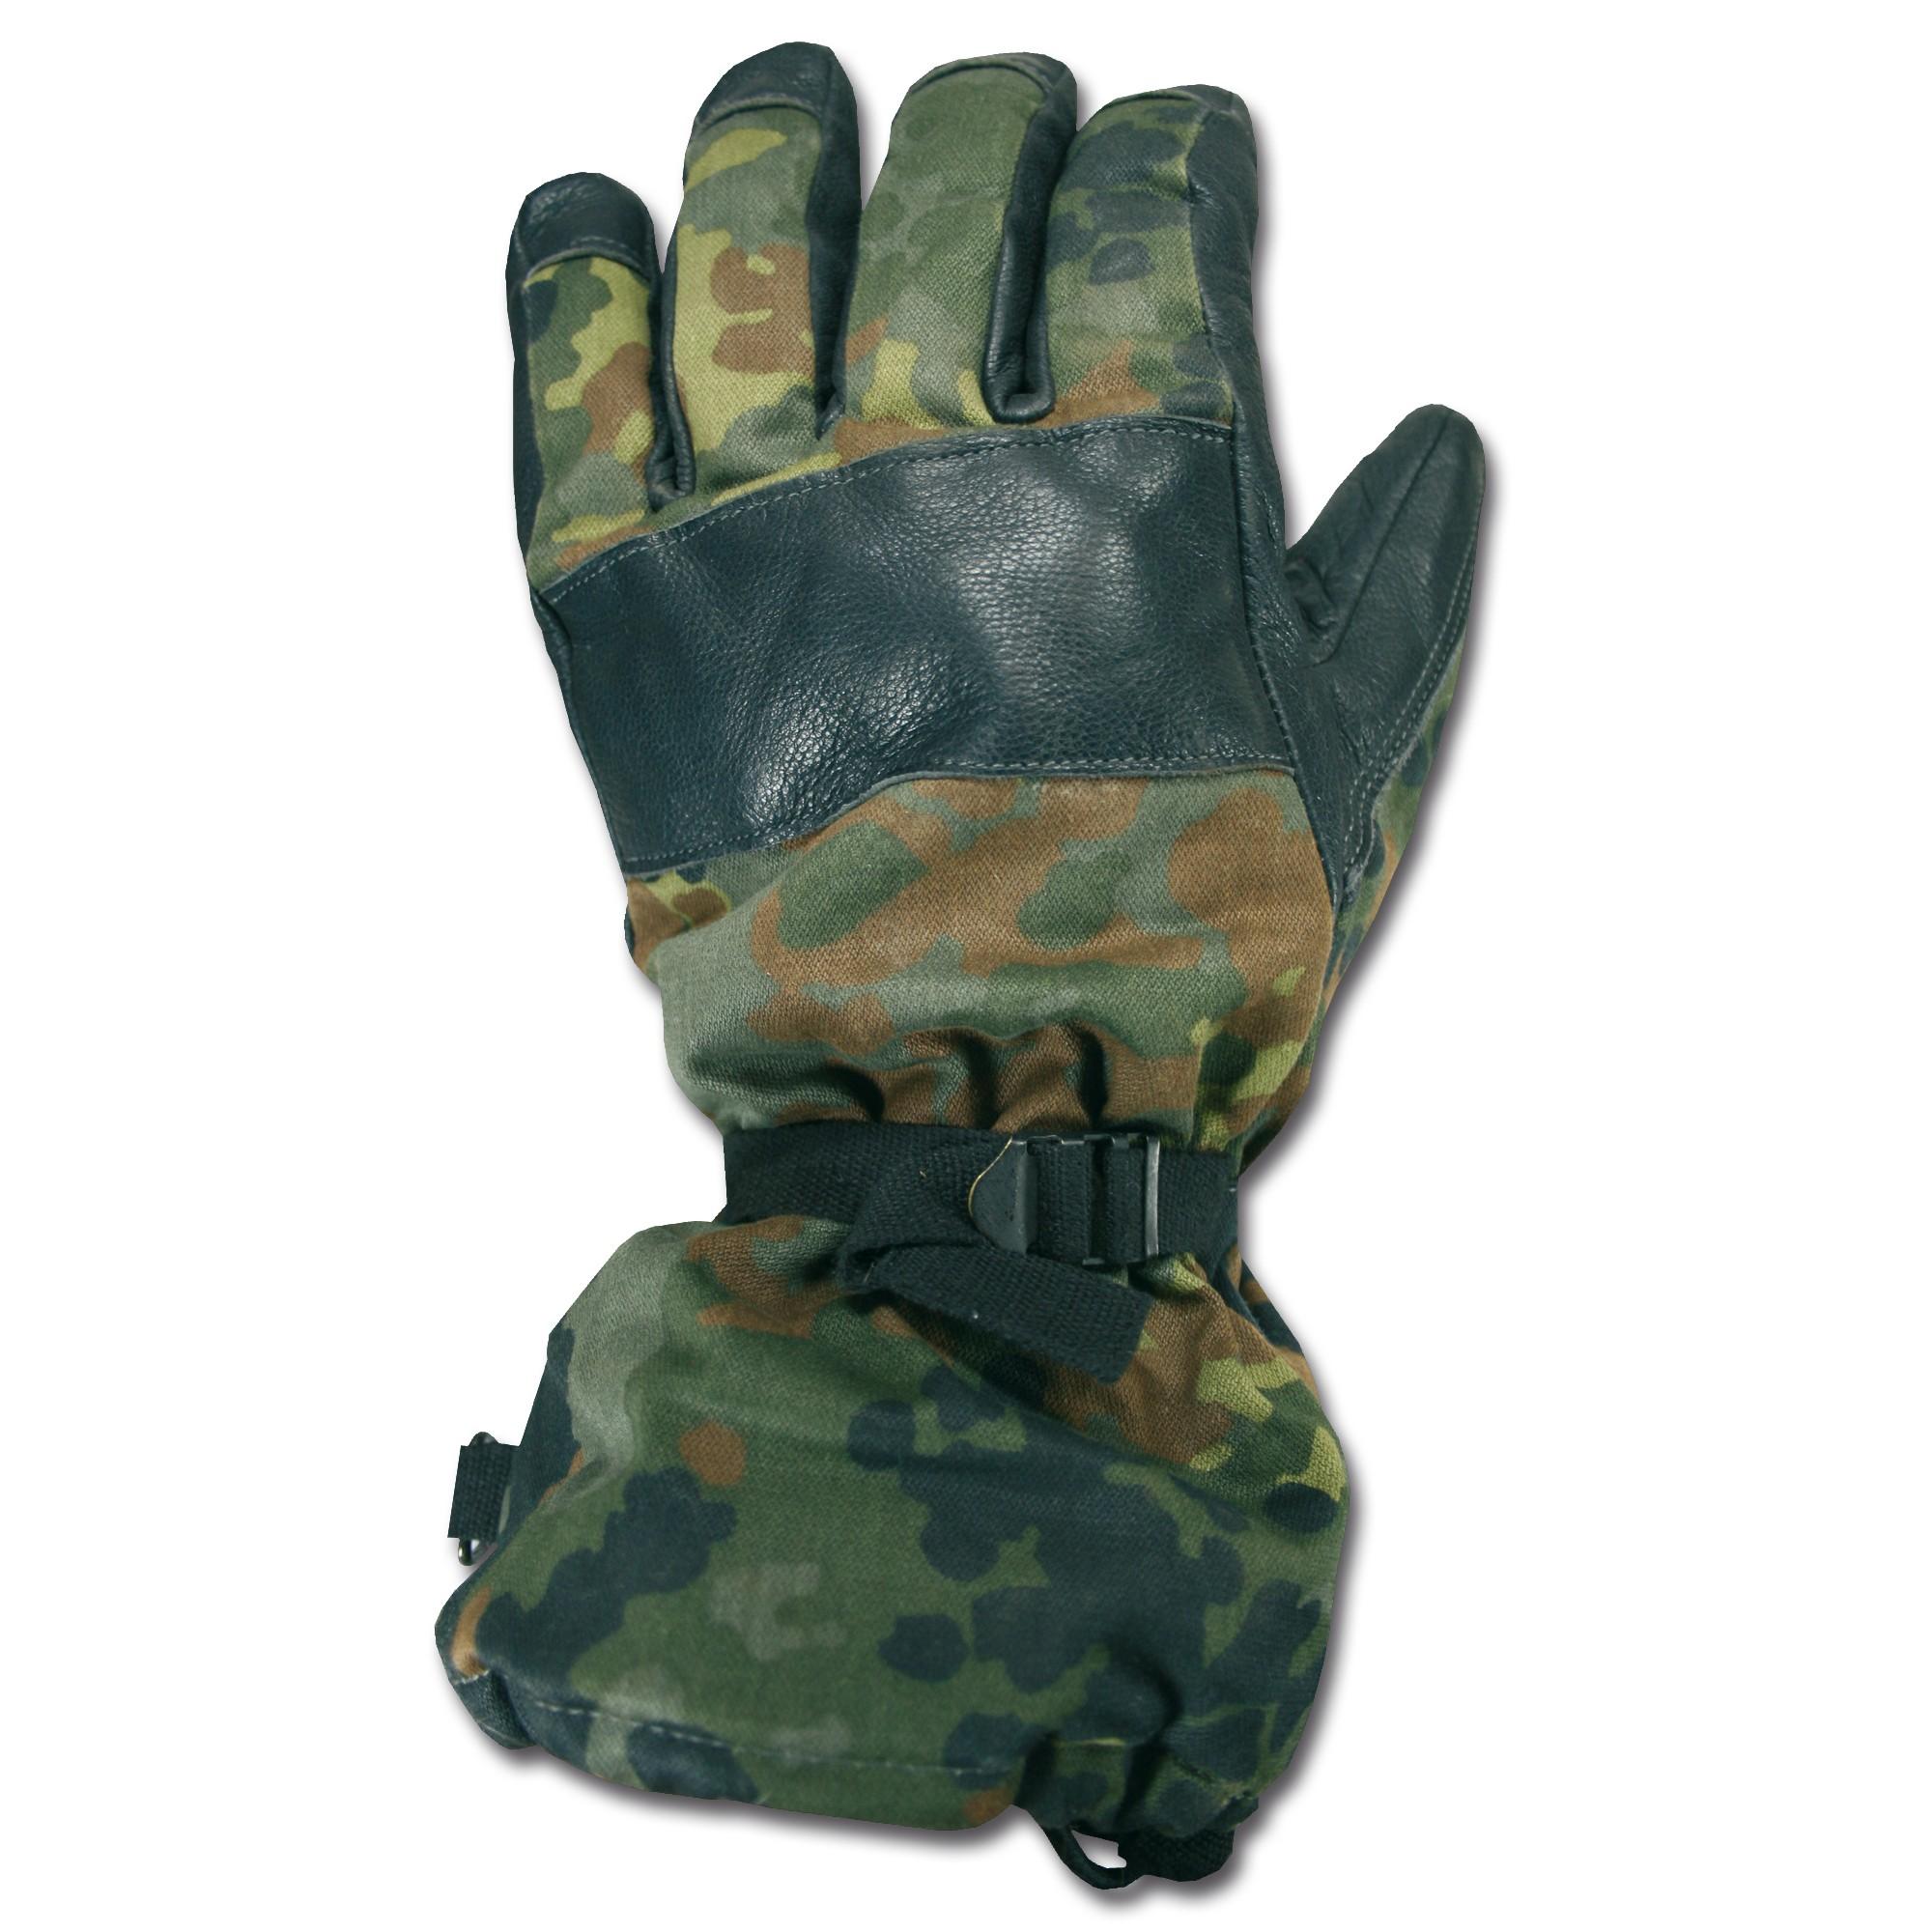 BW Kälteschutzhandschuhe flecktarn gebraucht